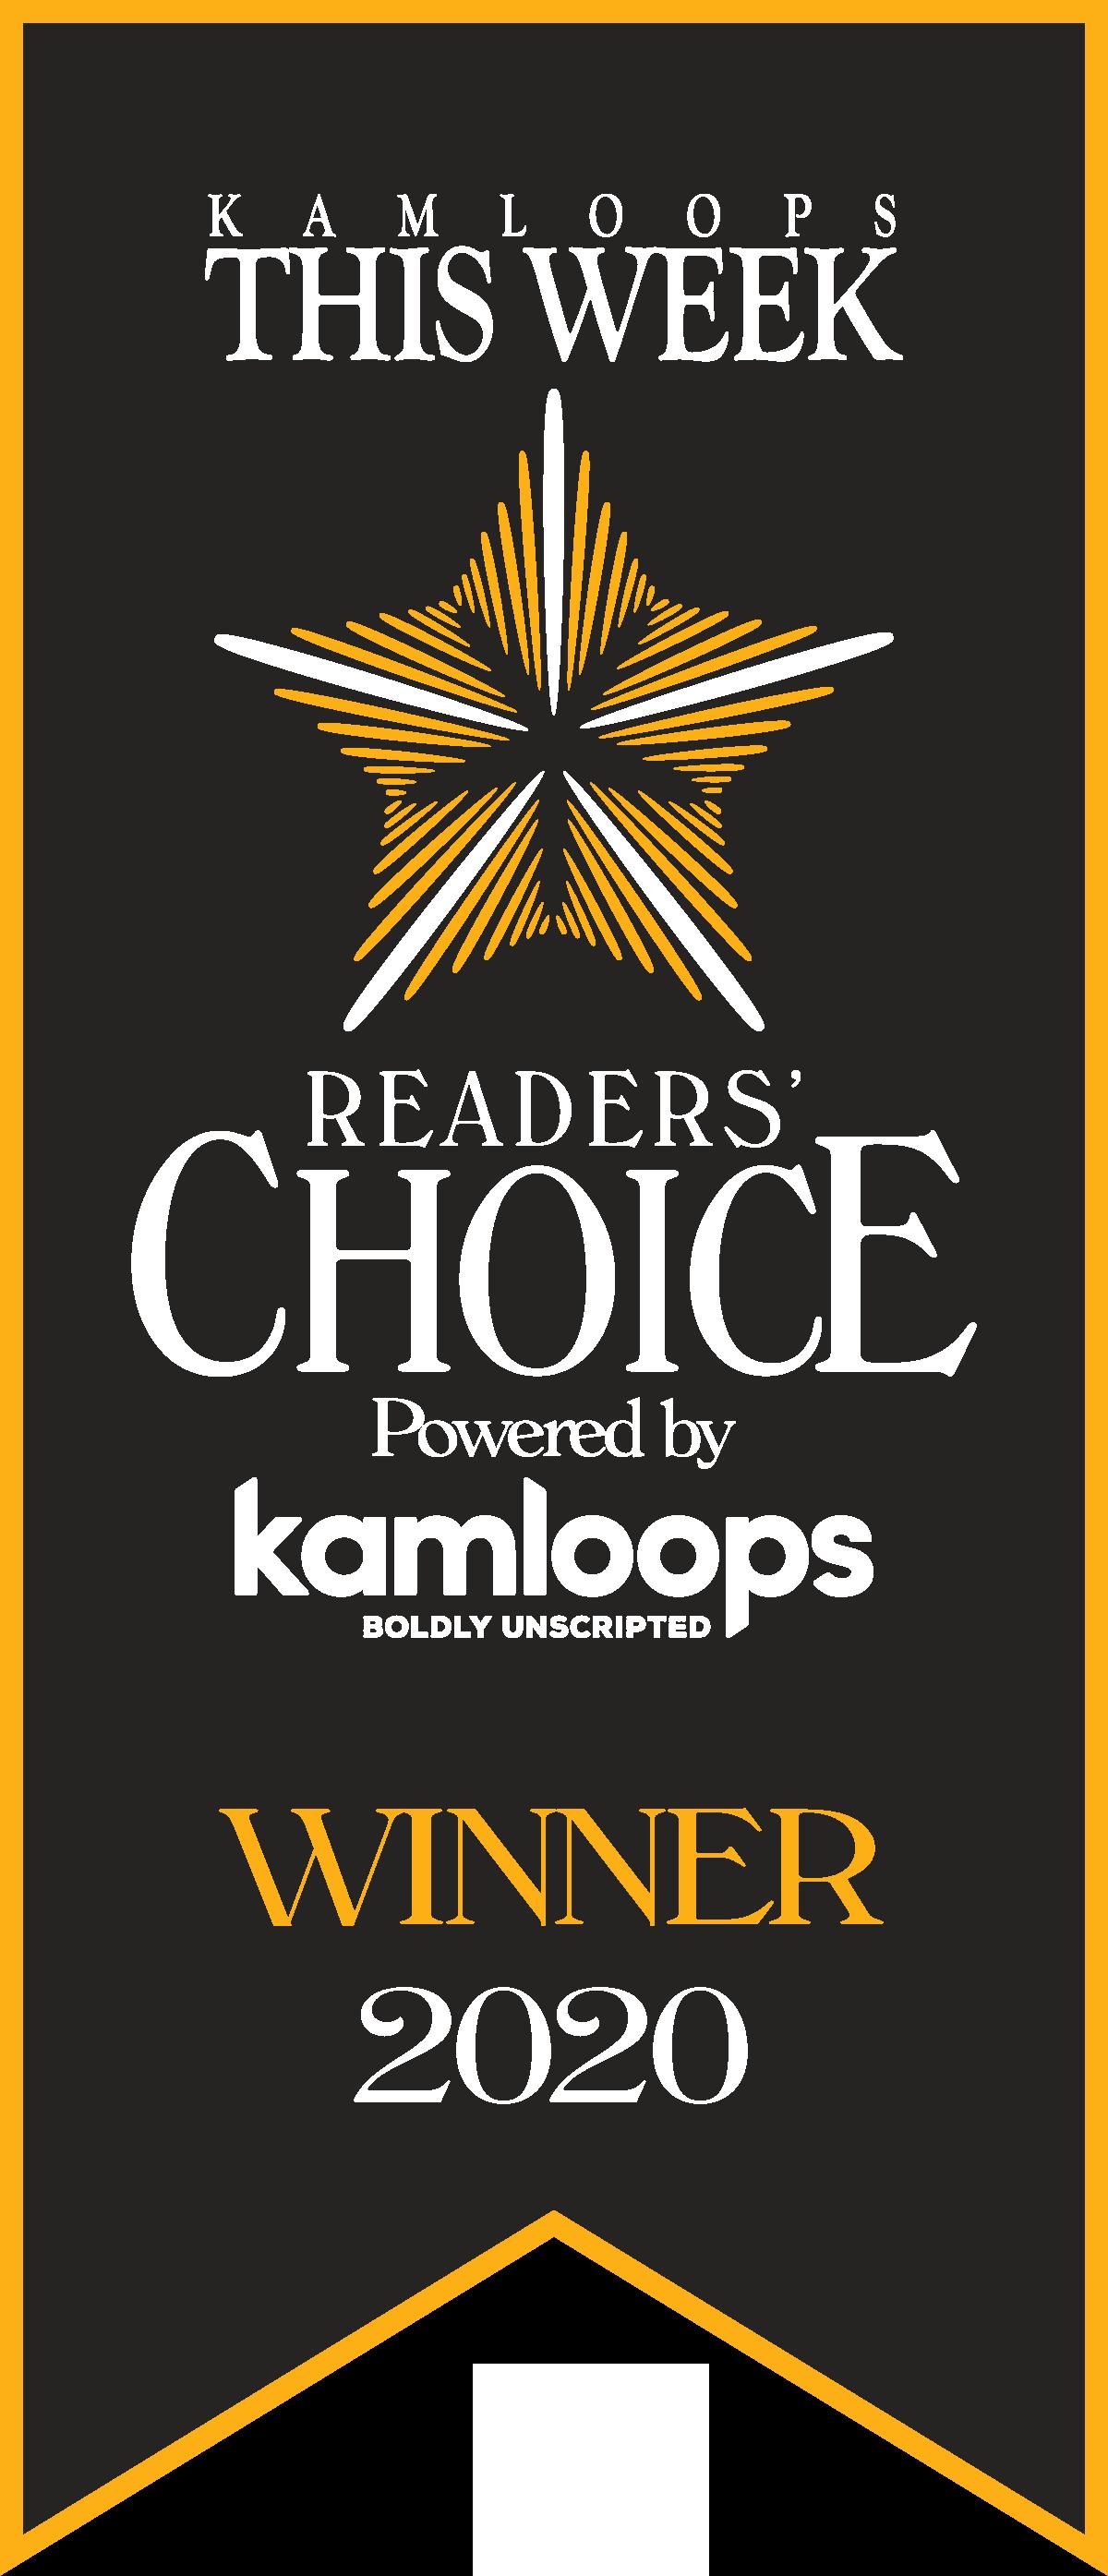 Kamloops This Week